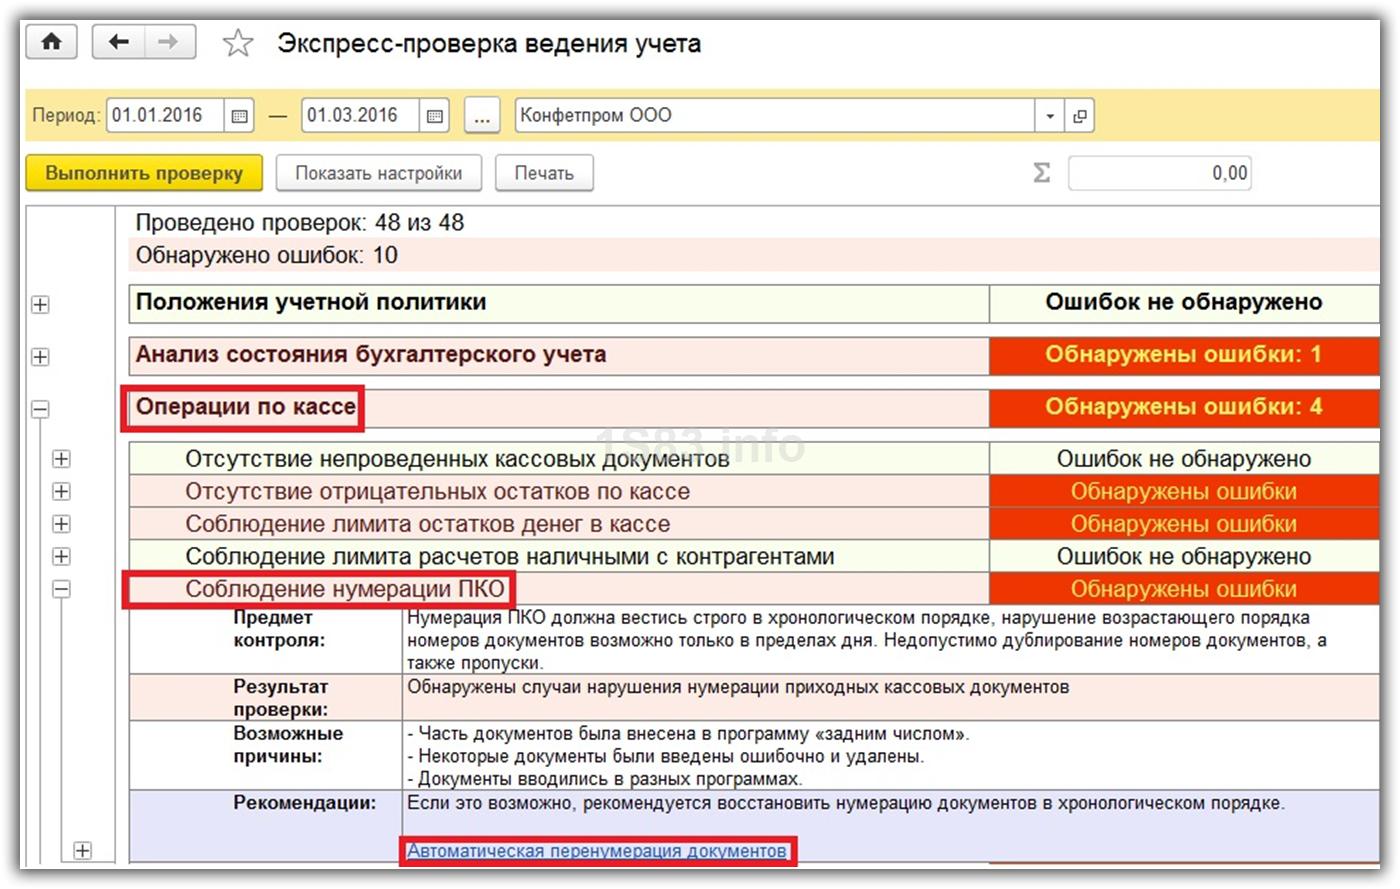 автоматическая перенумерация документов